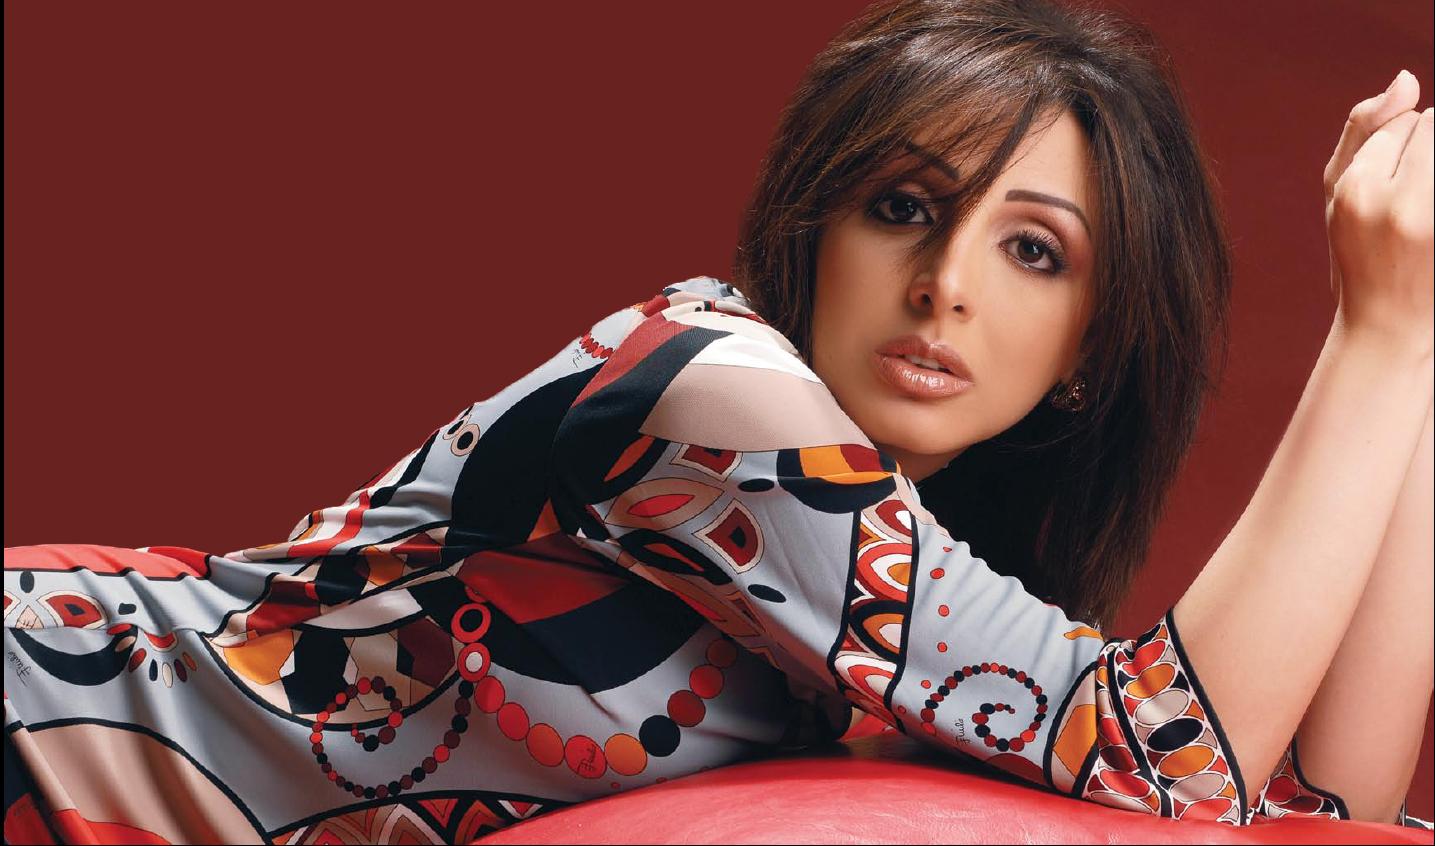 أنغام: كليبي الأخير غير فاضح.. وهيفاء نجمة رغم محدودية صوتها